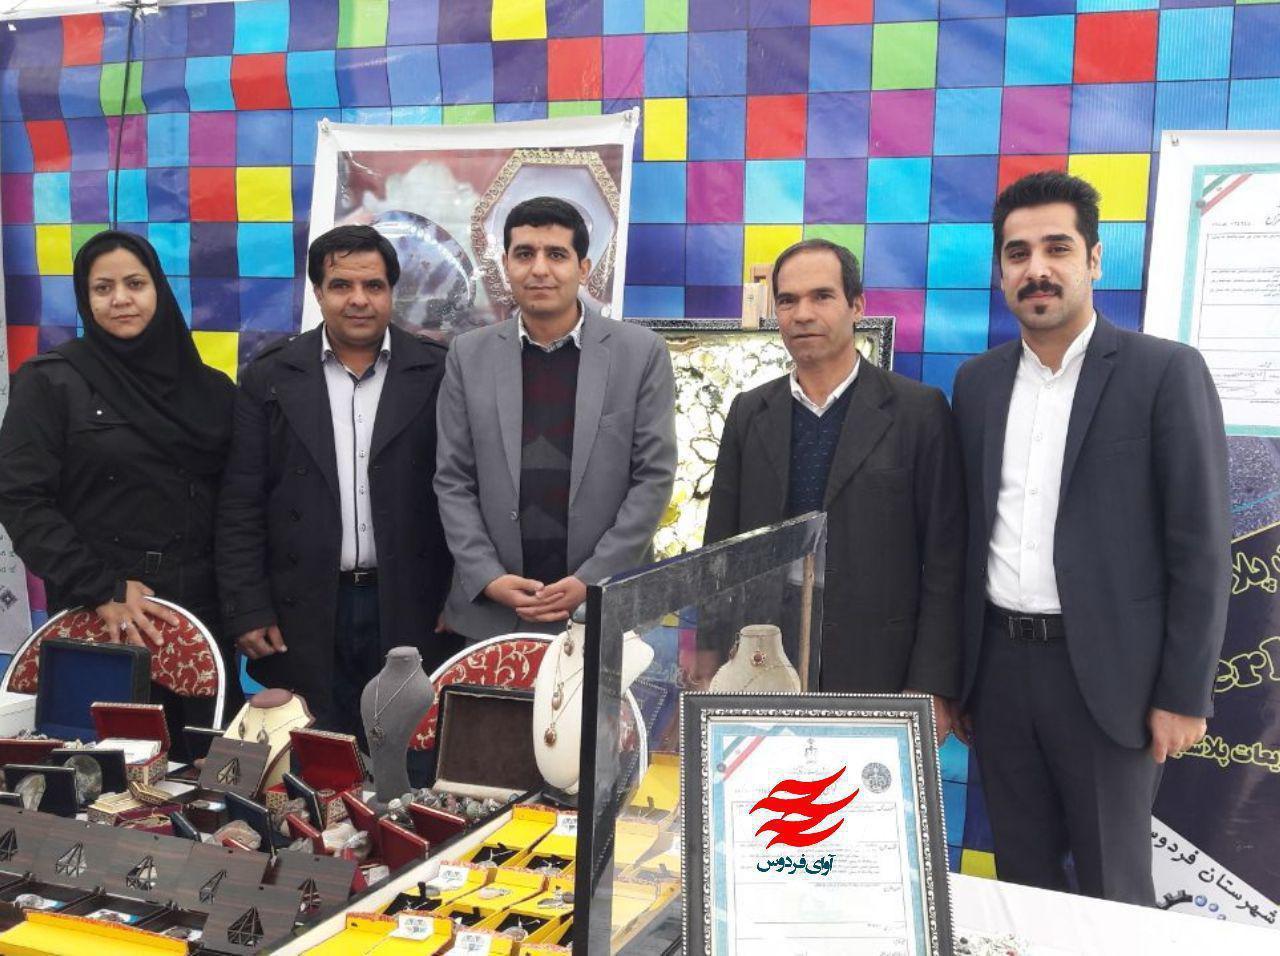 نمایشگاه دستاورد های شرکت های دانش بنیان